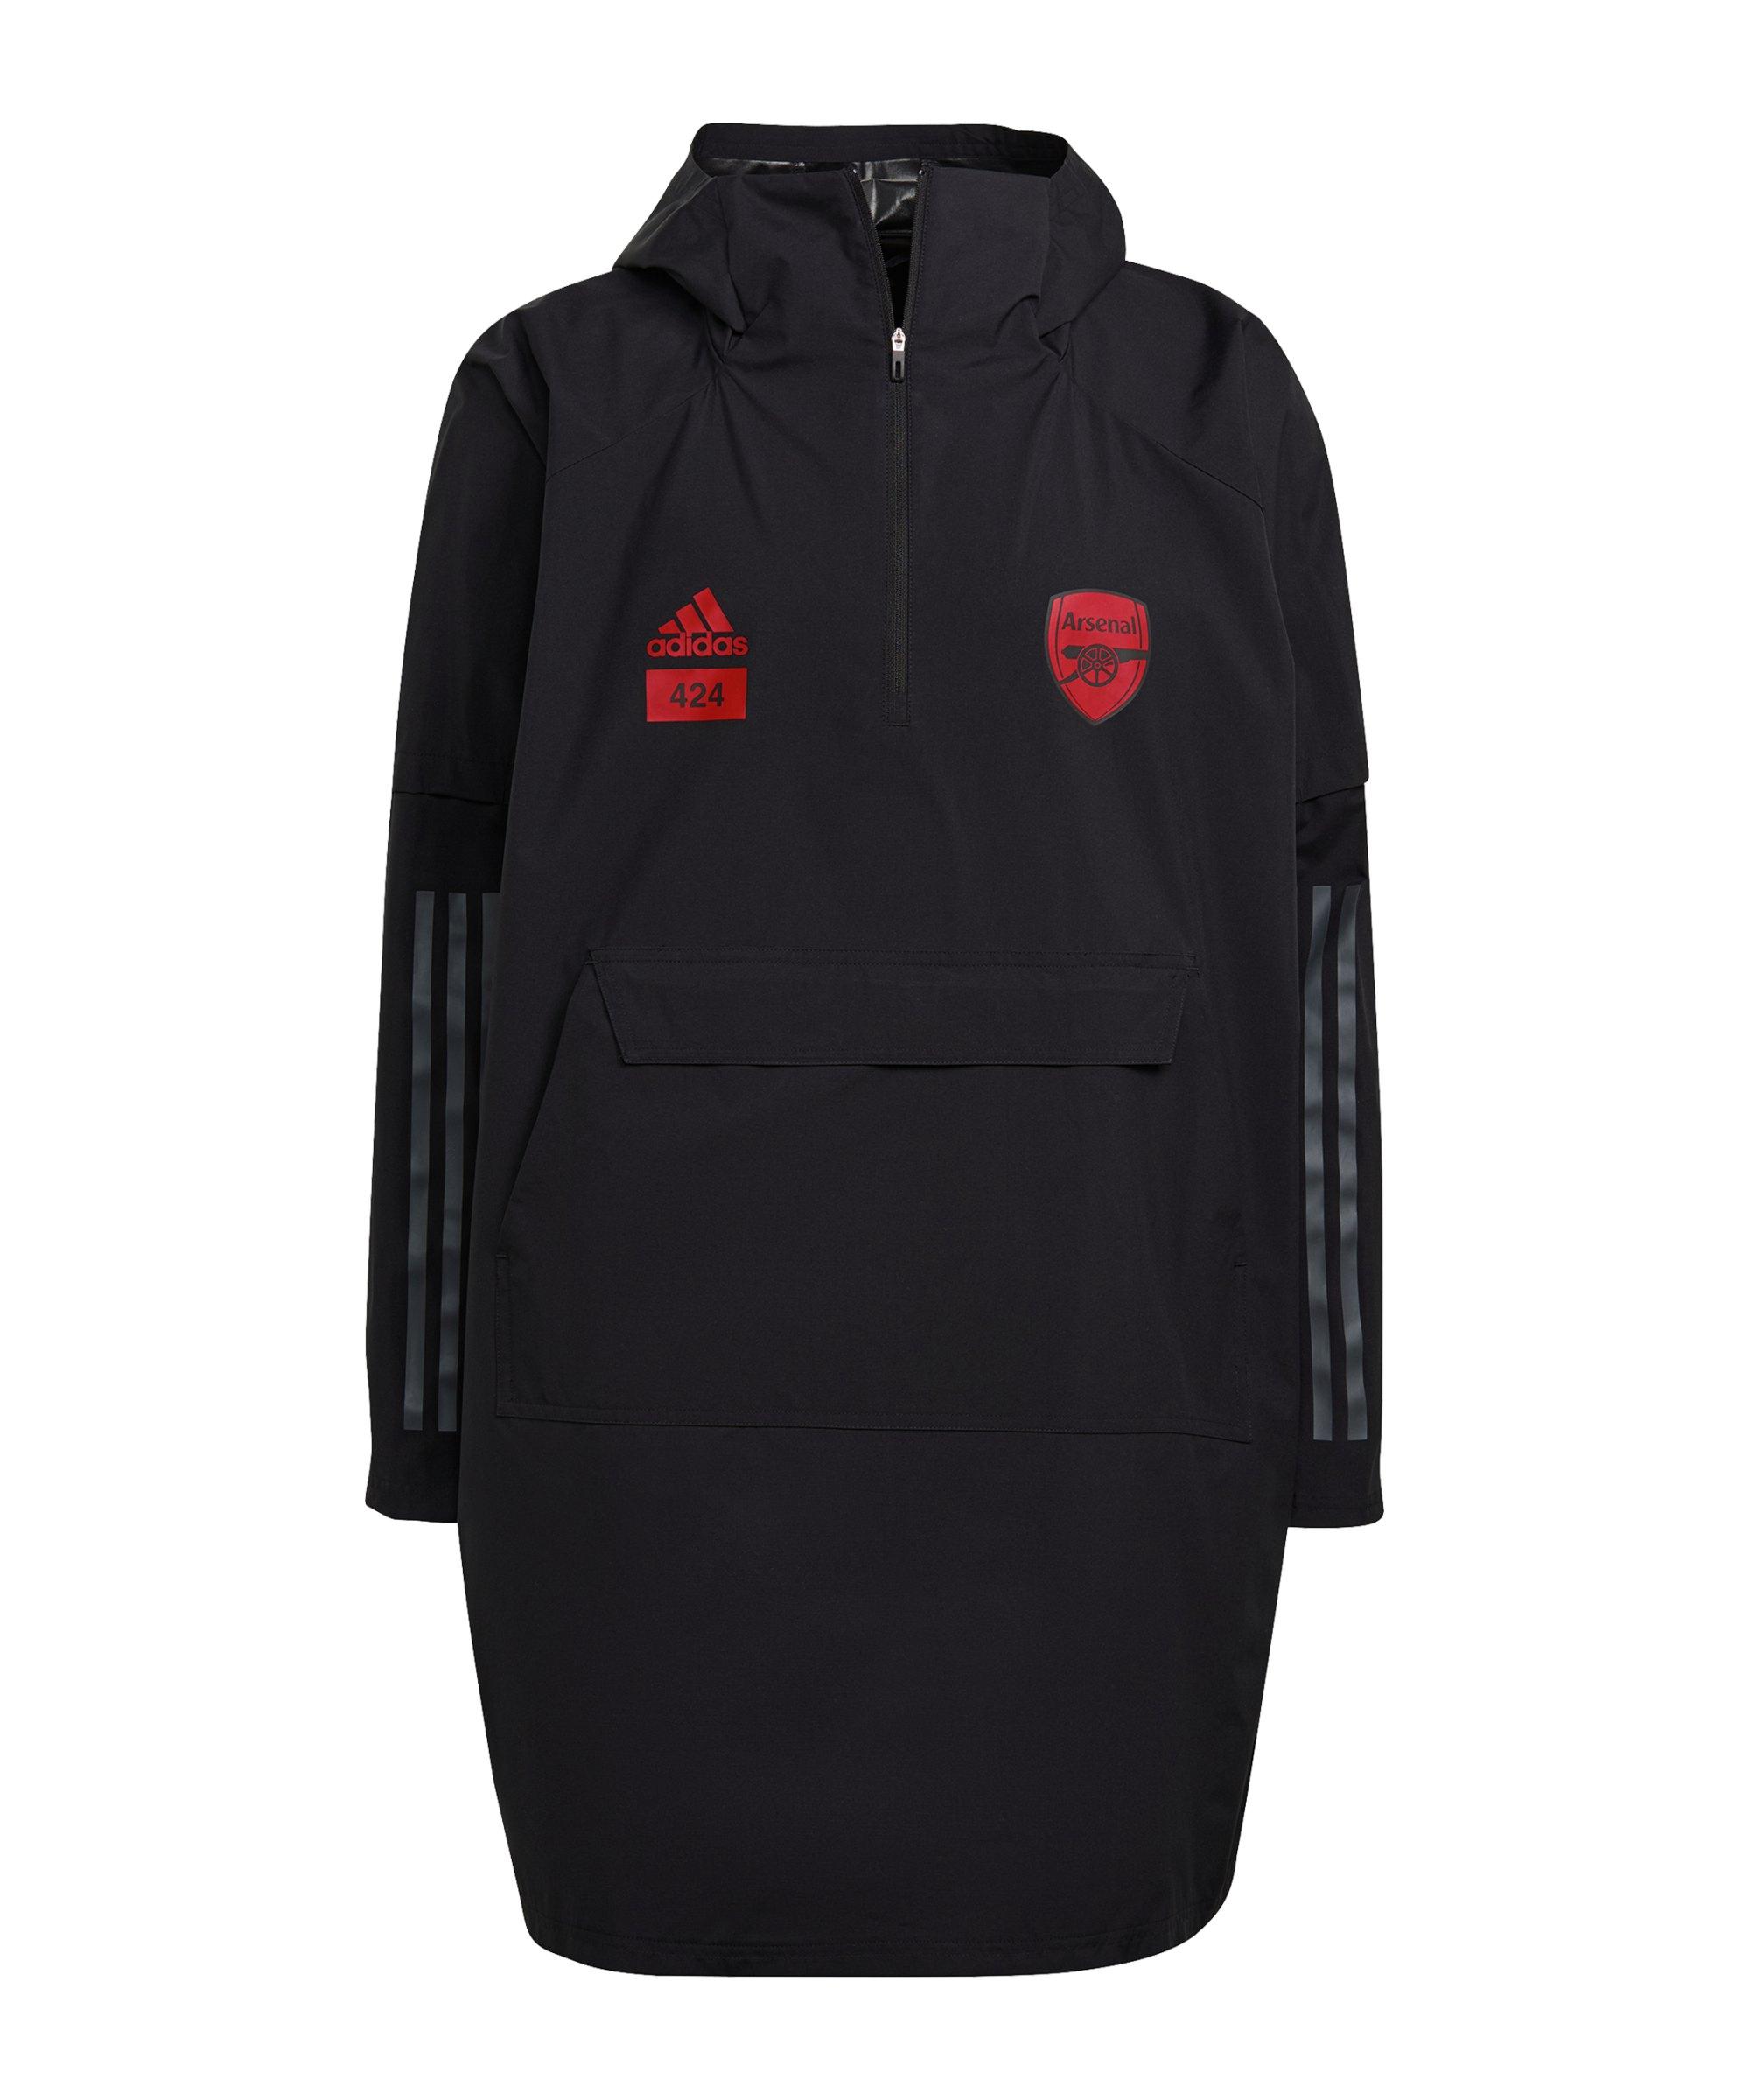 adidas FC Arsenal London x 424 Poncho Schwarz - schwarz